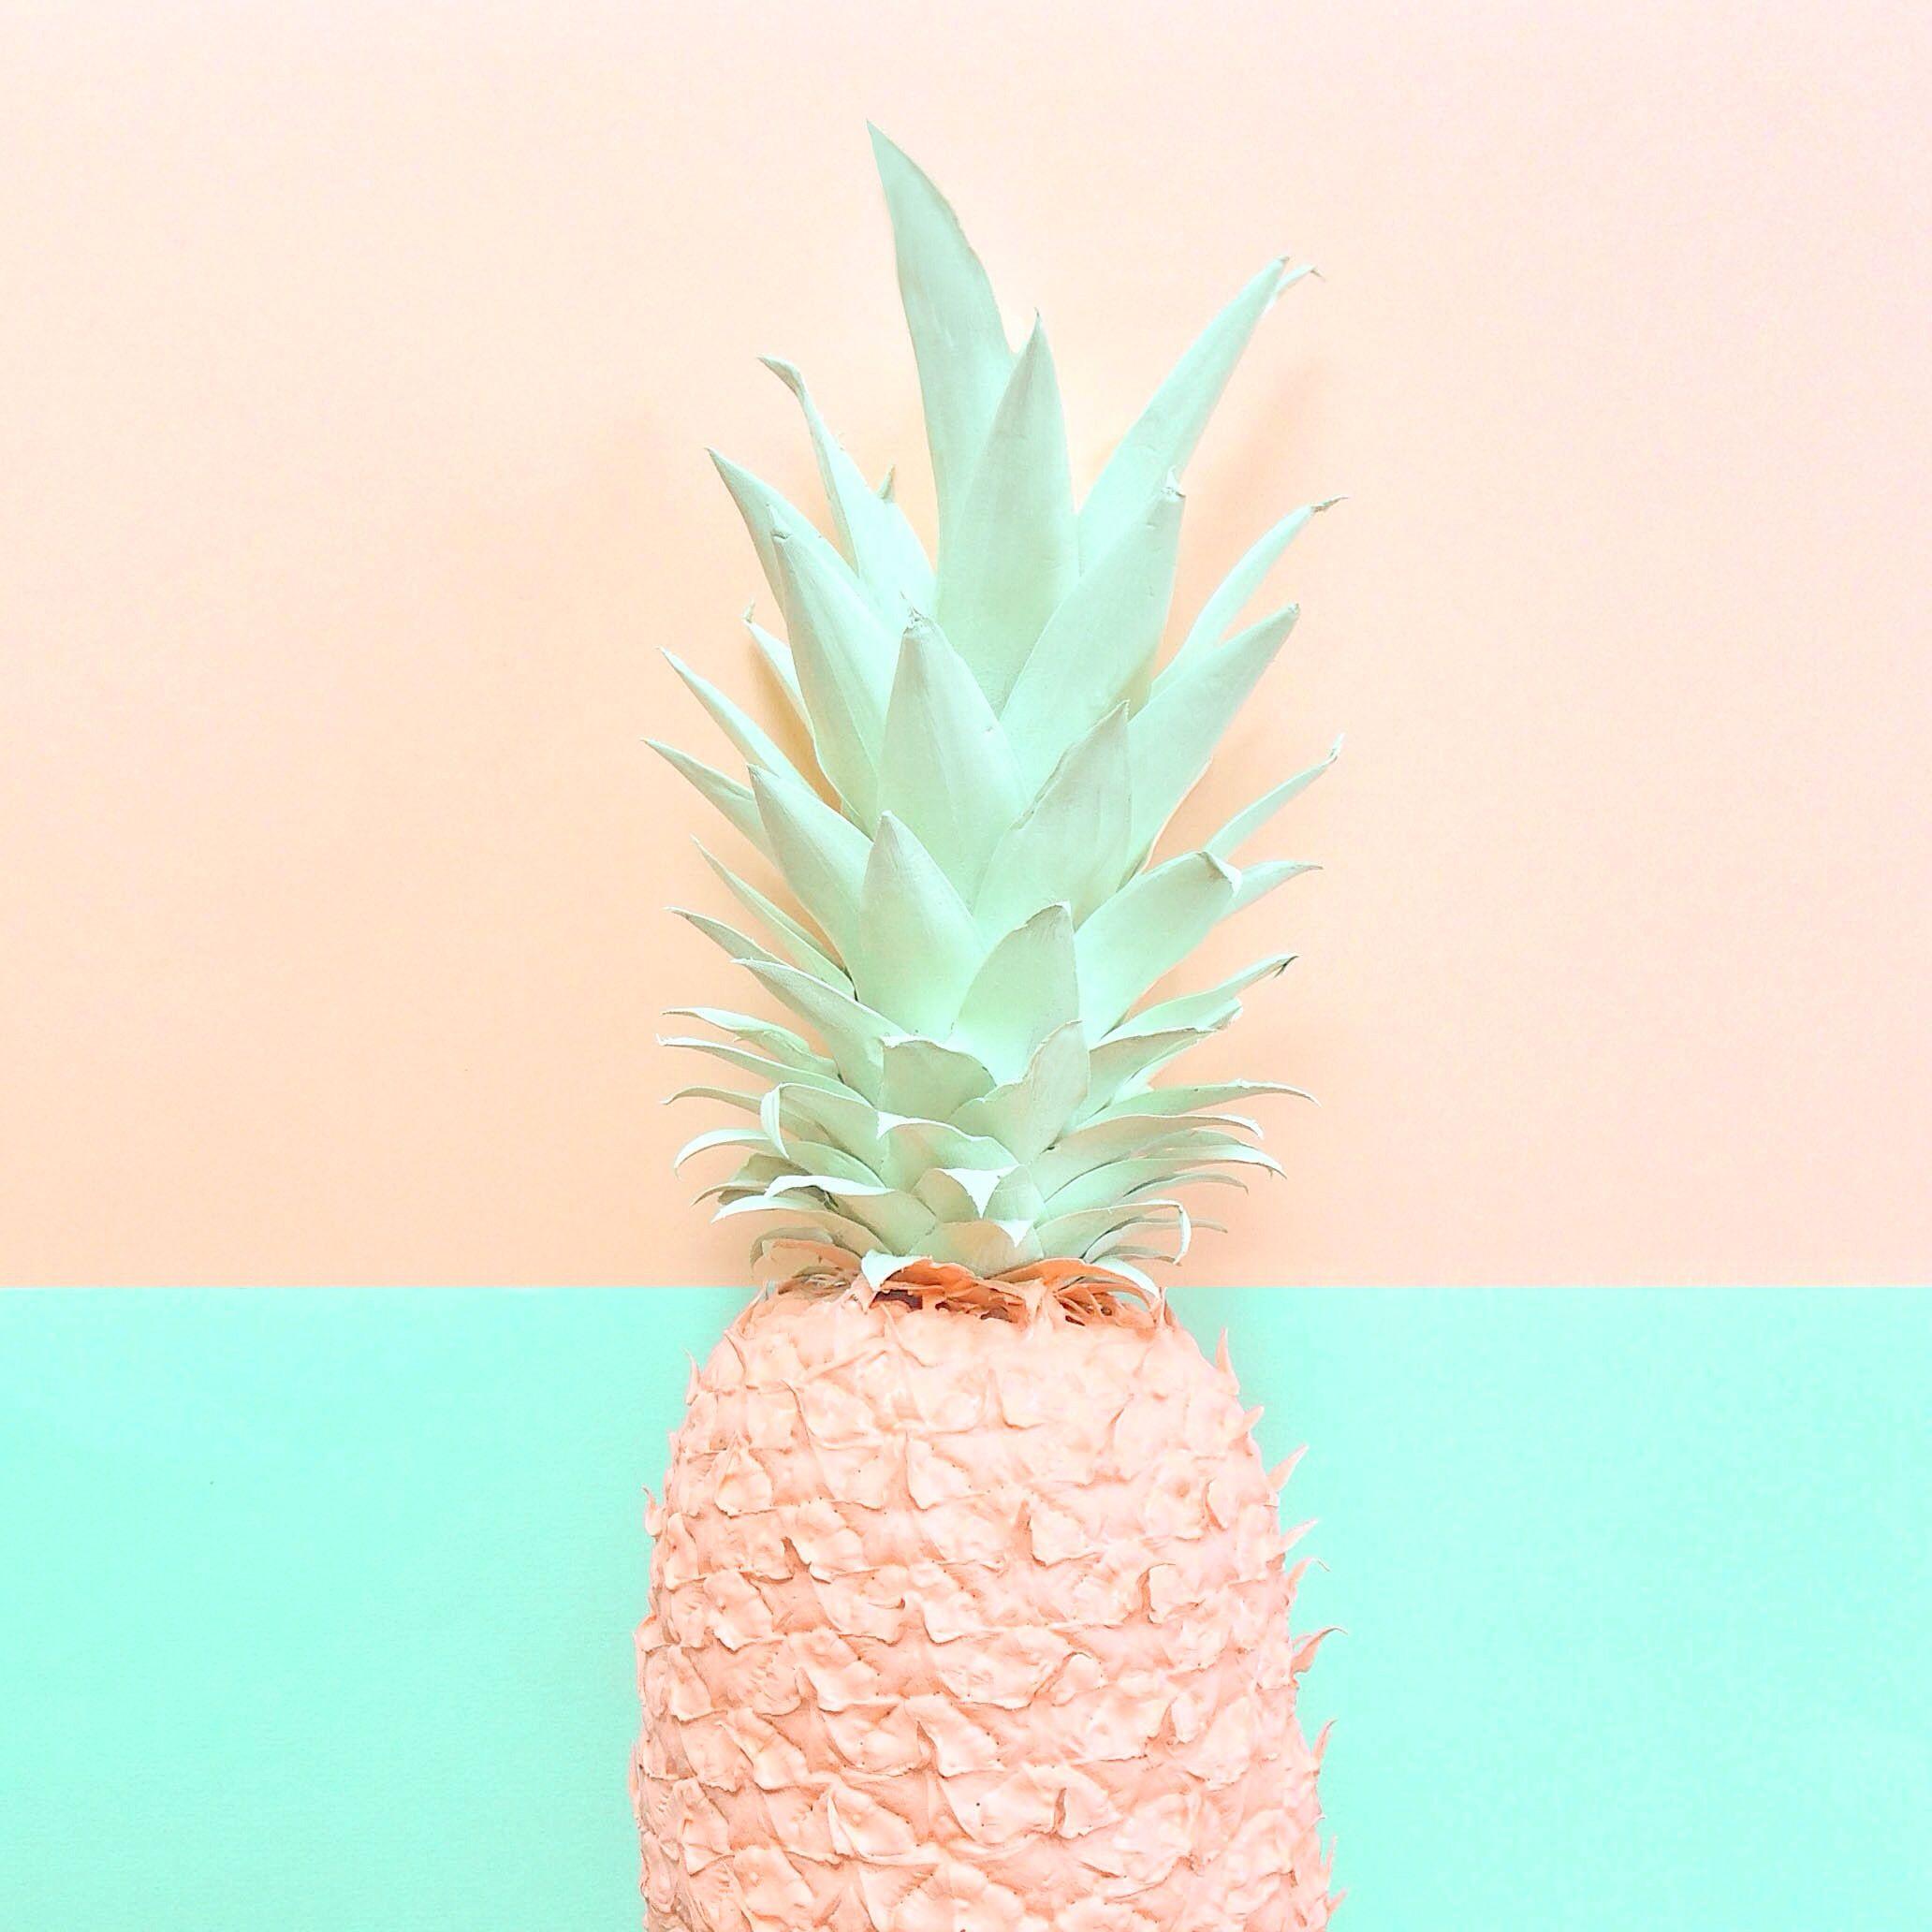 Ananas couleurs pinterest cran couleurs et pastel for Fond ecran ananas